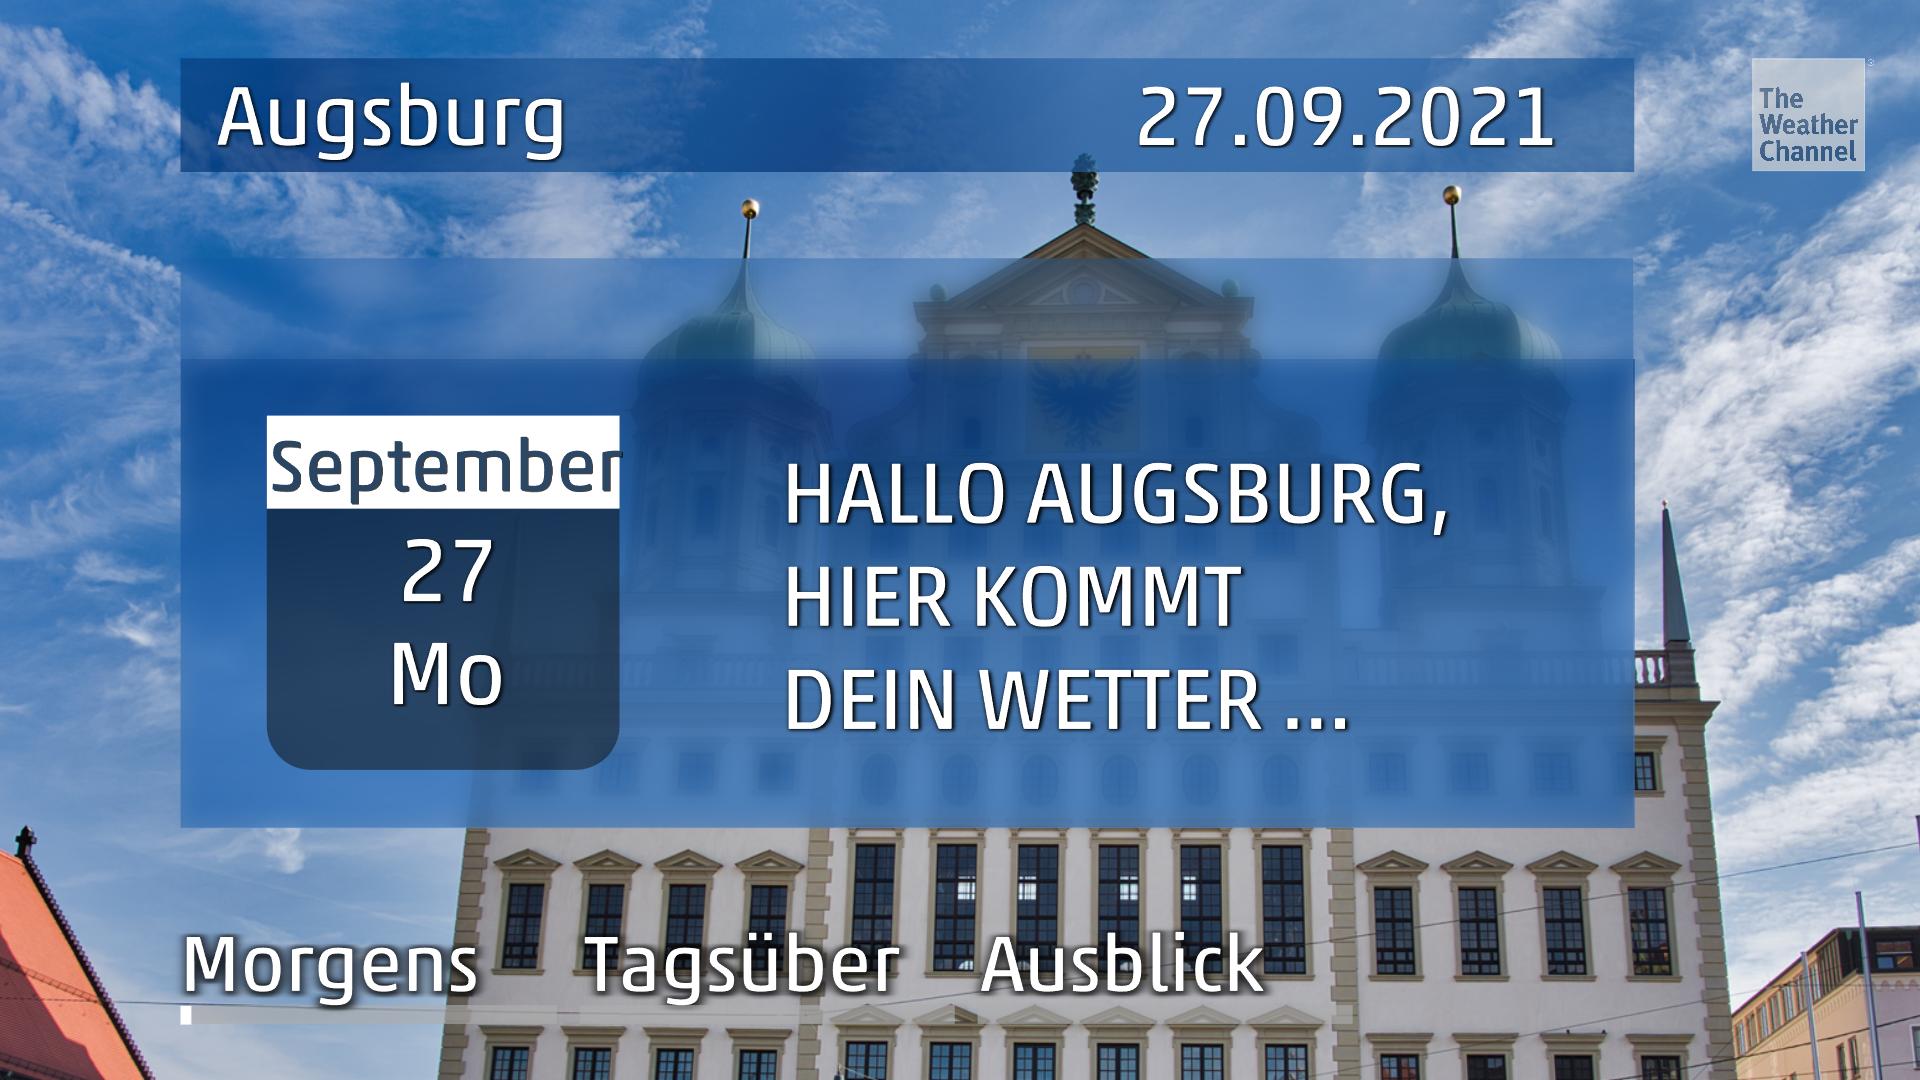 Das Wetter für Augsburg am Montag, den 27.09.2021